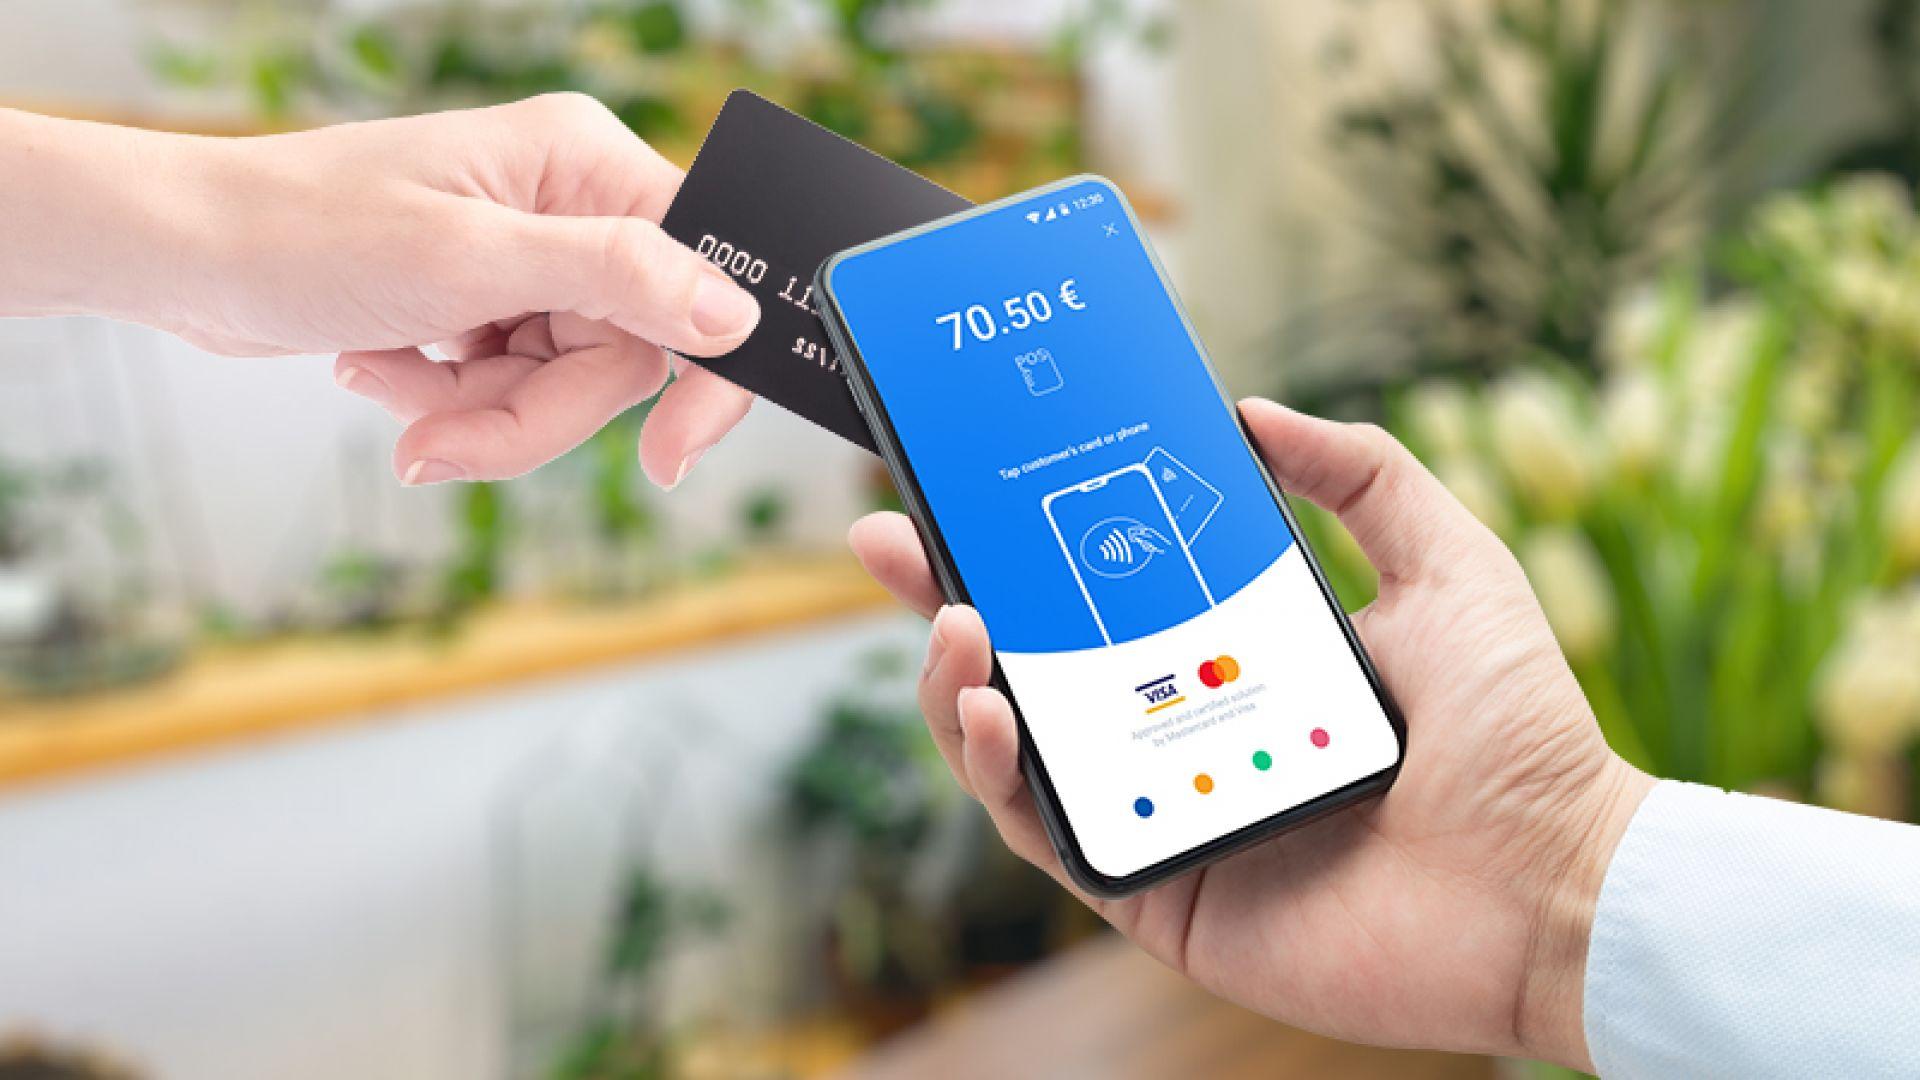 Ново приложение превръща телефоните в смарт ПОС терминали